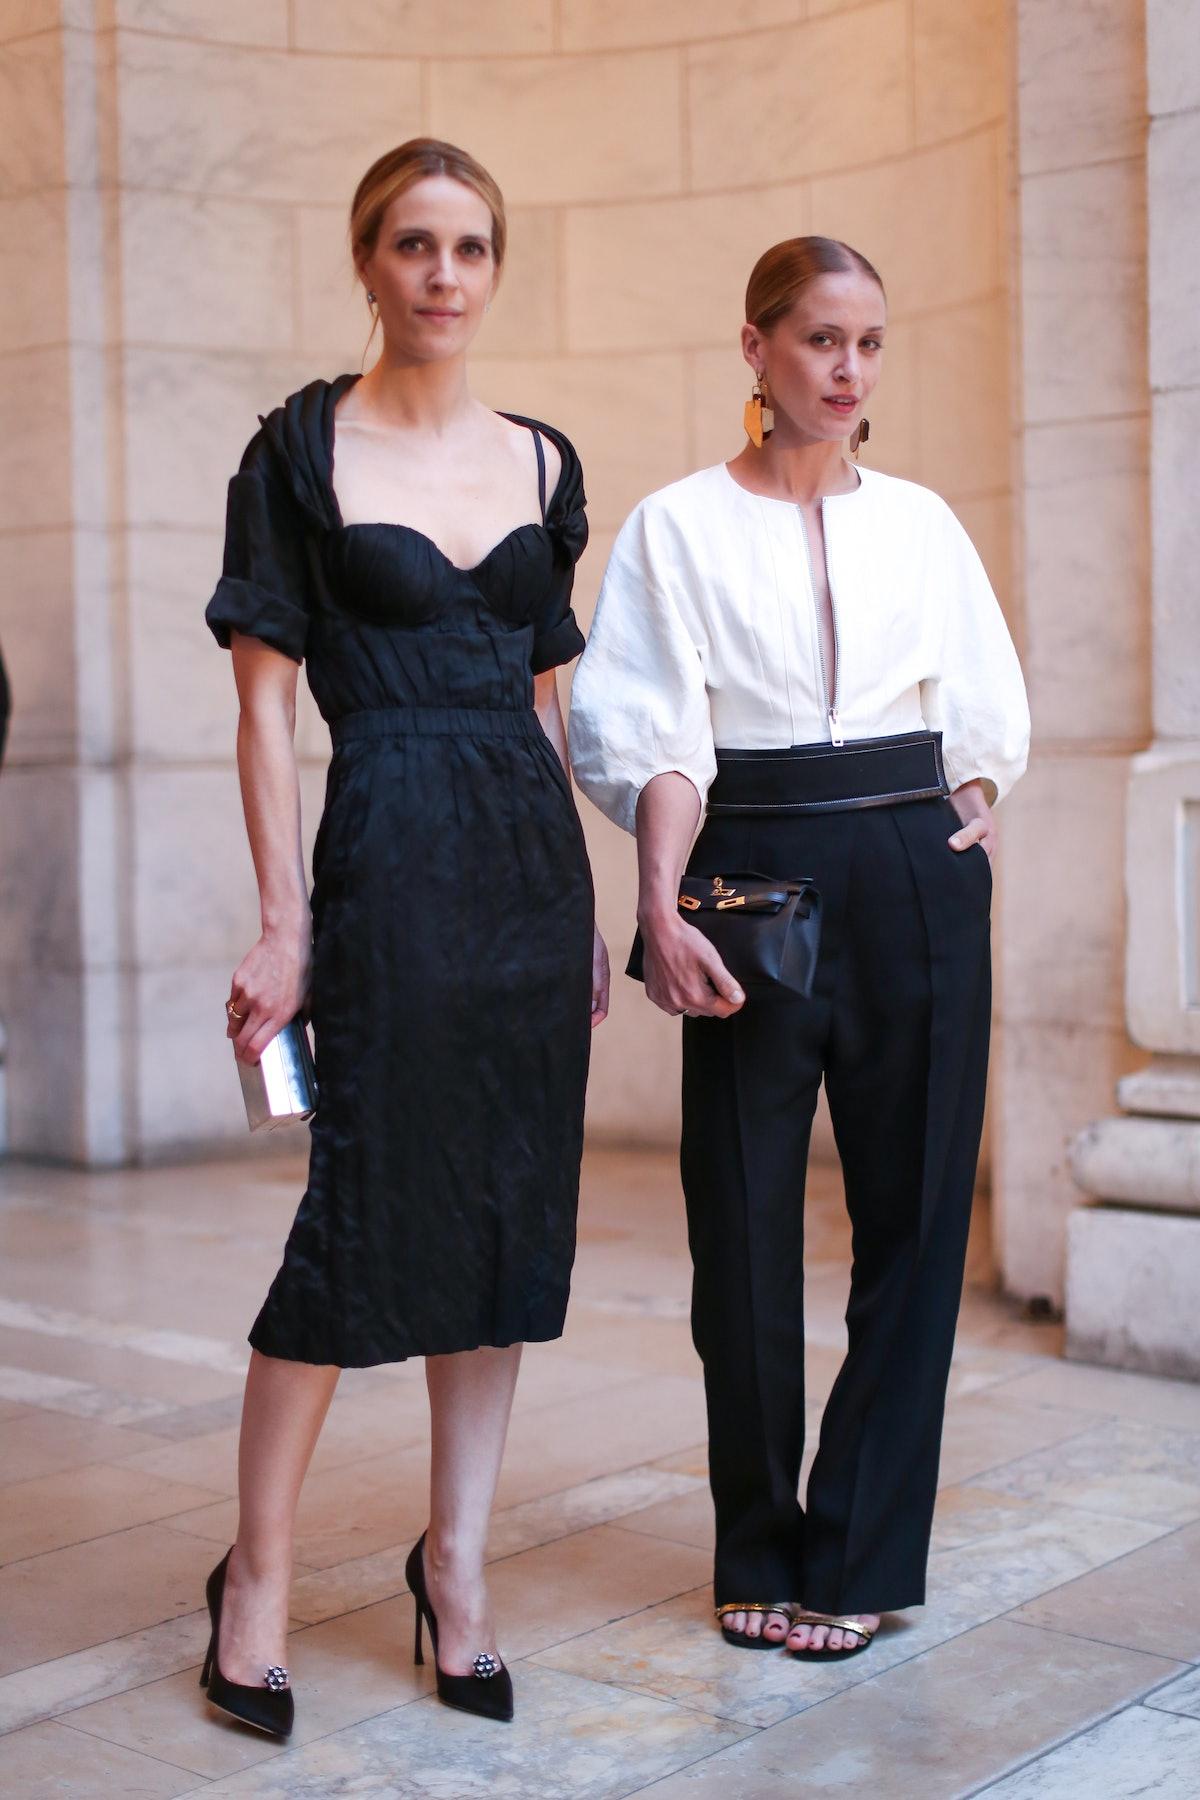 Vanessa Traina and Victoria Traina